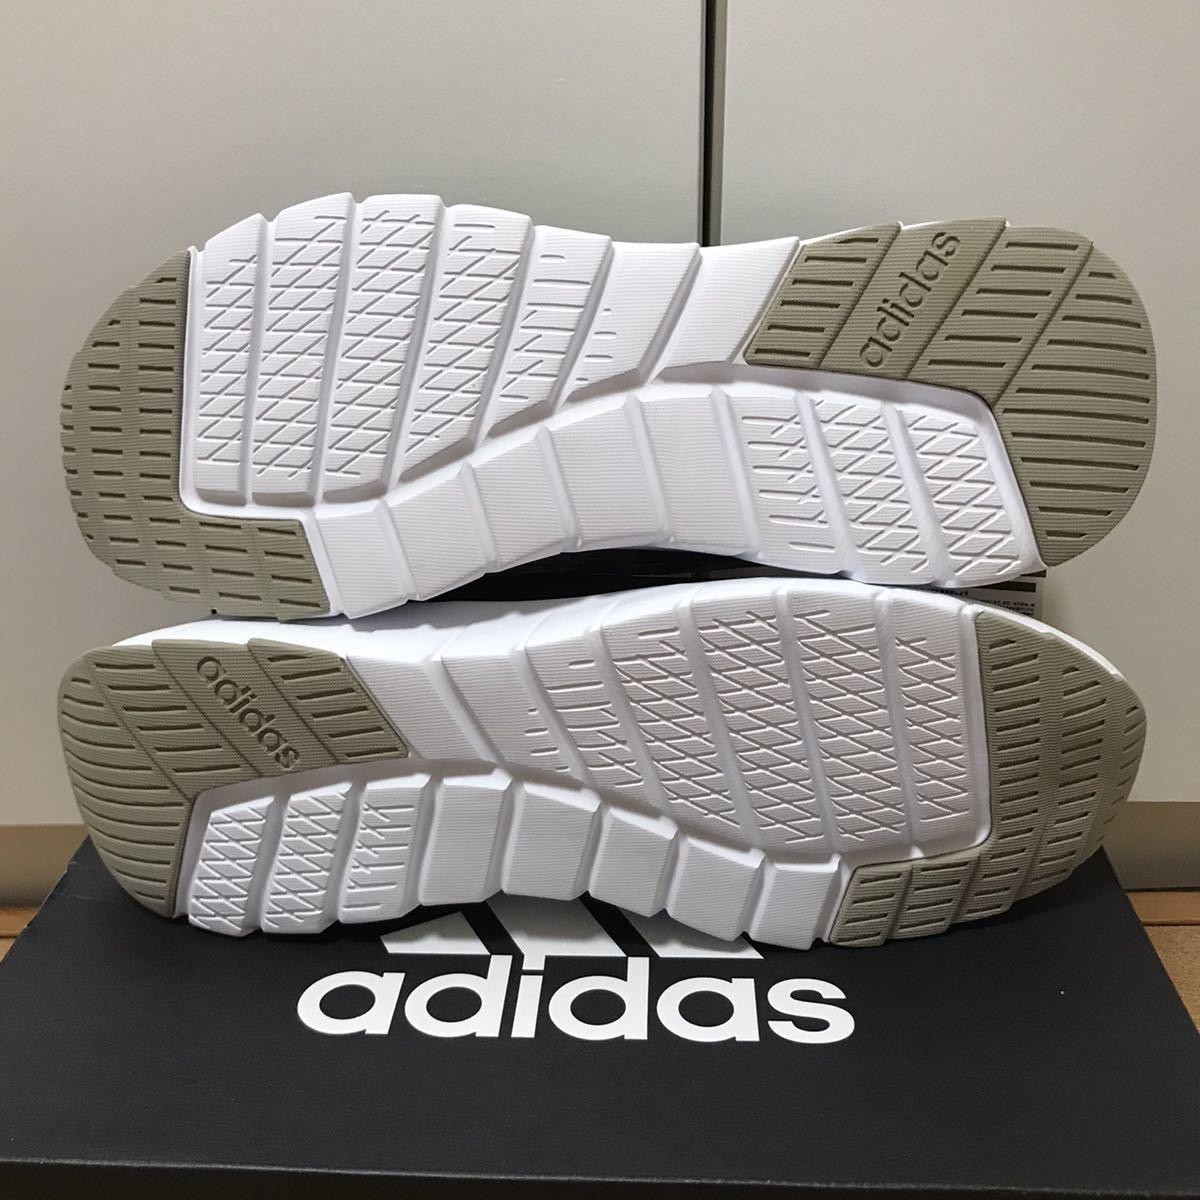 アディダス adidas オズウィーゴラン ランニングシューズ メンズ 靴 27.5cm 送料込み